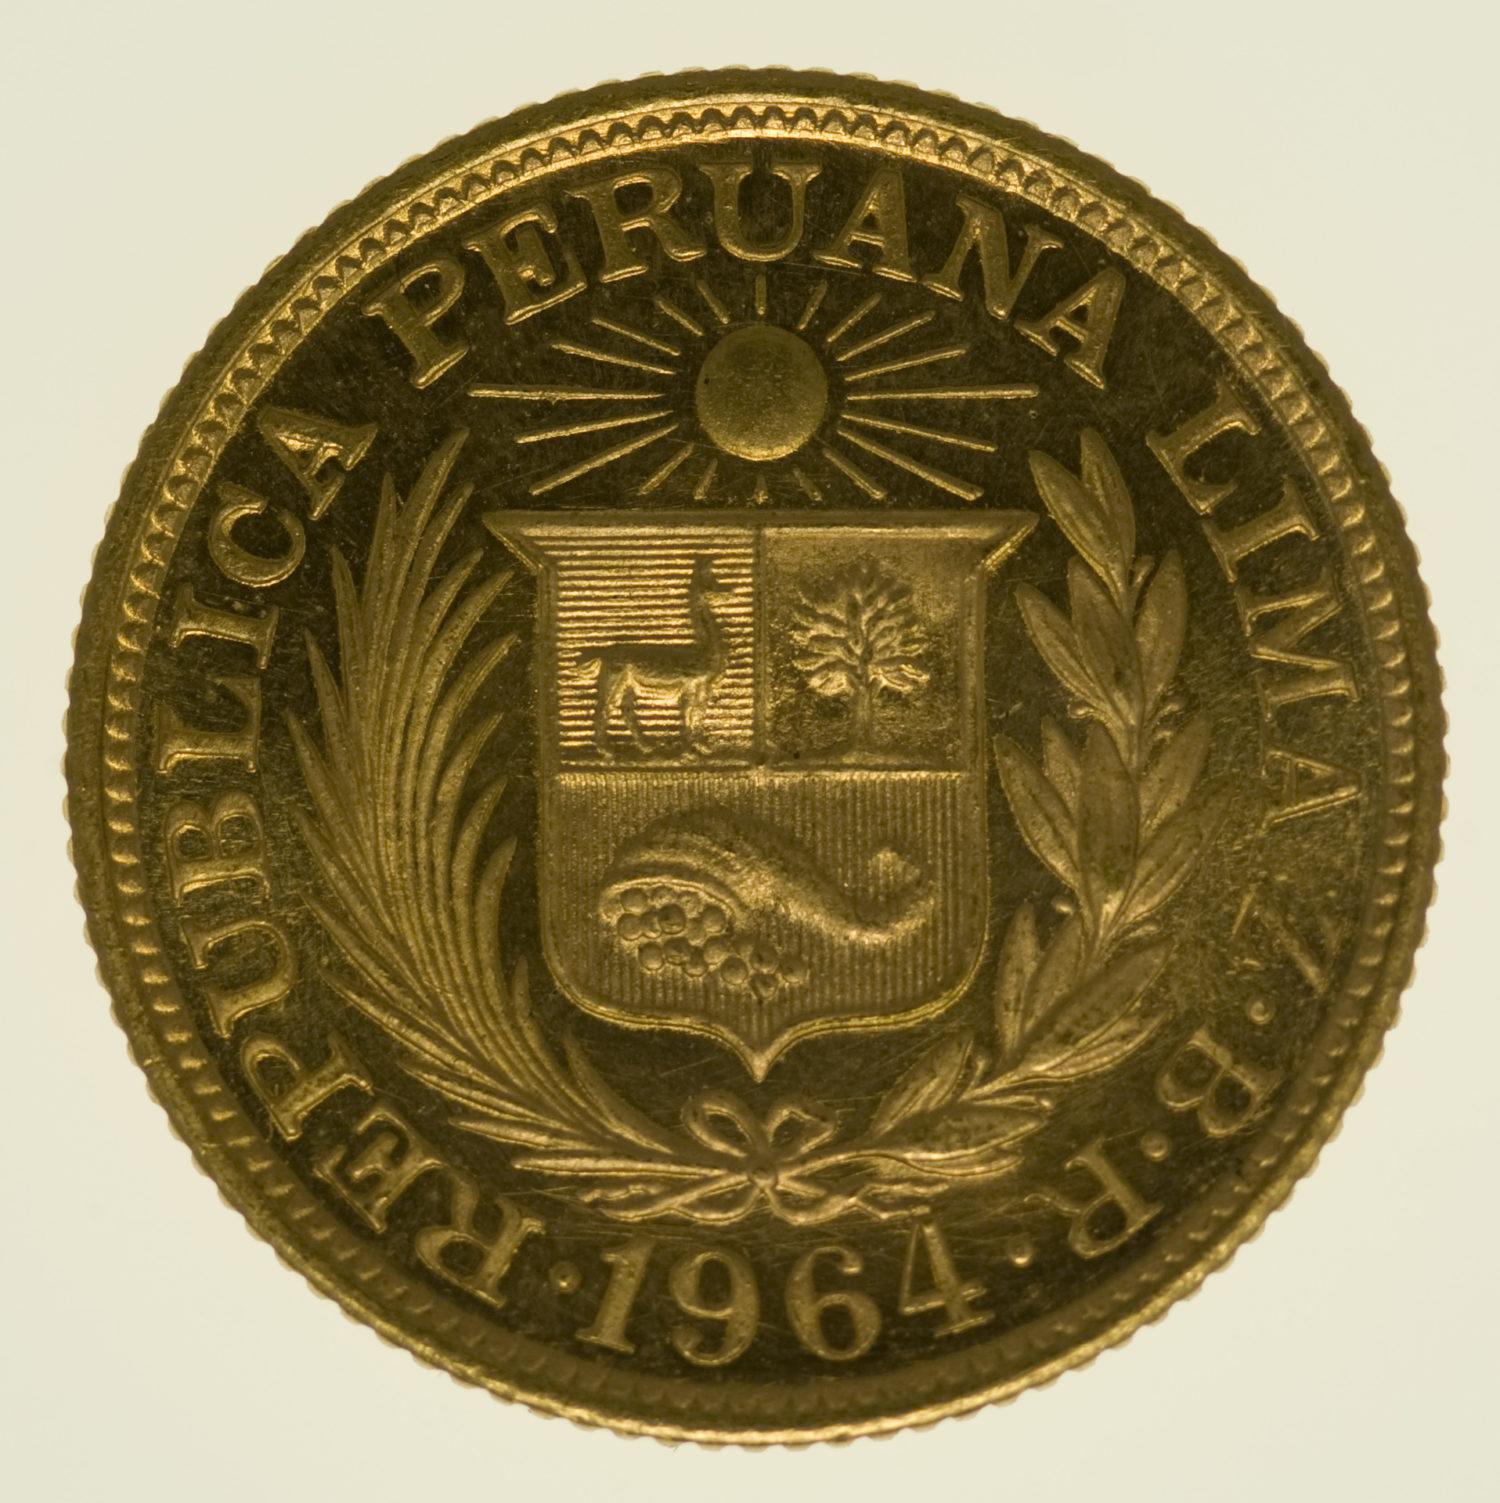 peru - Peru Libra 1964